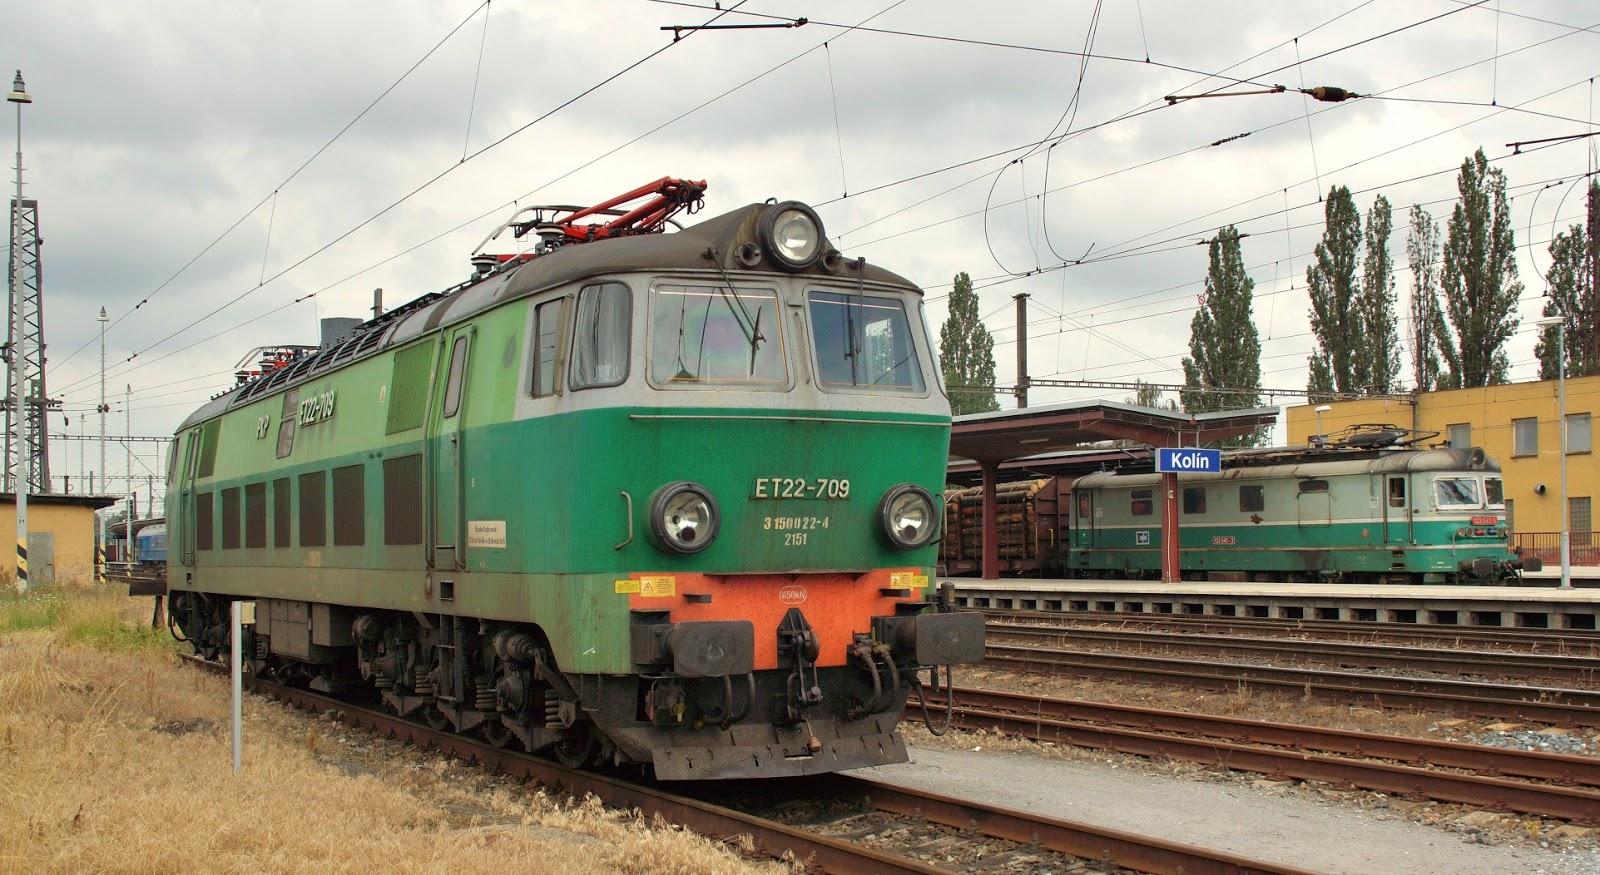 private container train operators